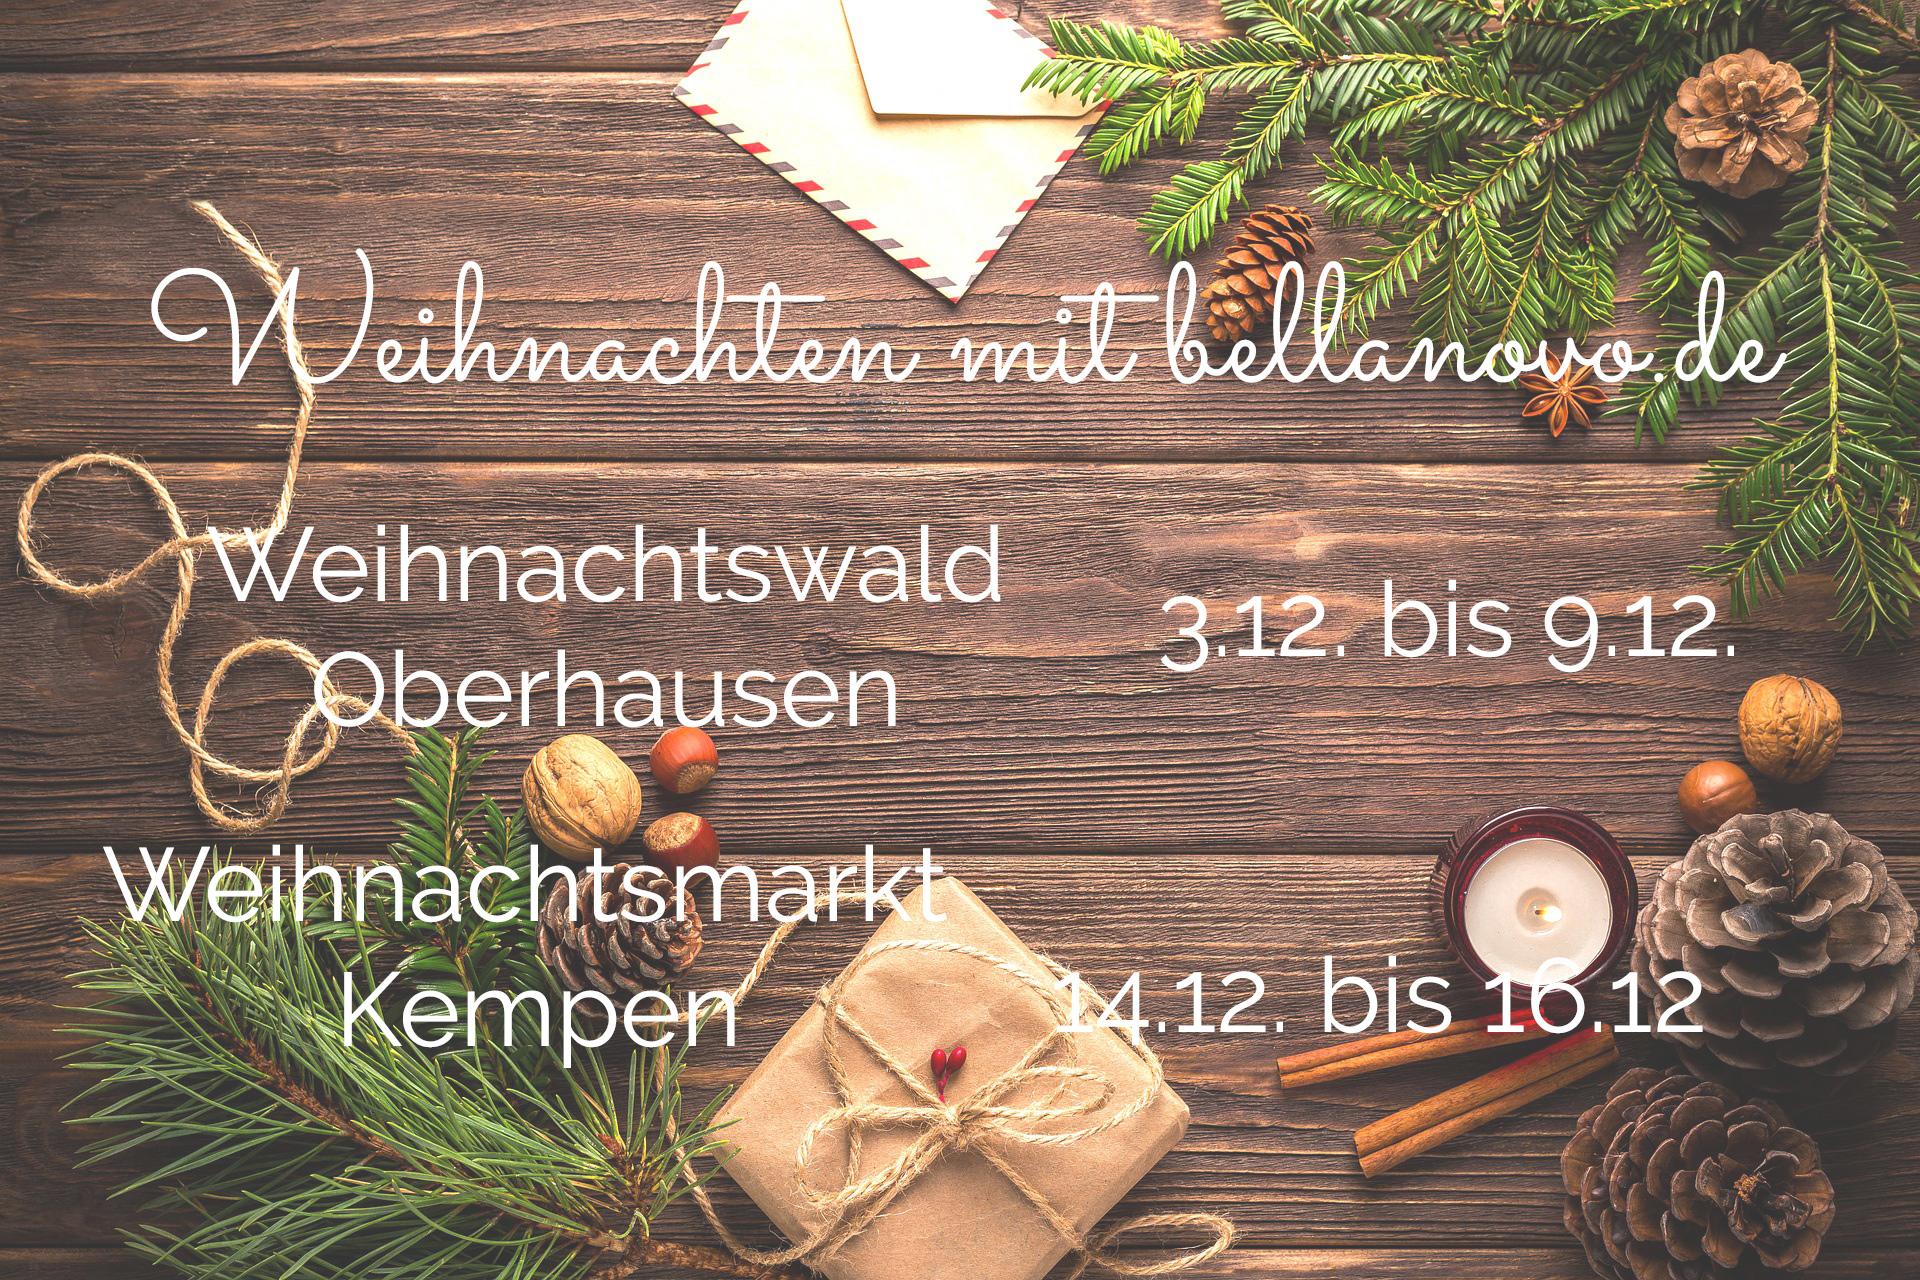 Weihnachtsmarkt Kempen.Die 3 Schönsten Weihnachtsmärkte In Nrw Https Bellanovo De Index